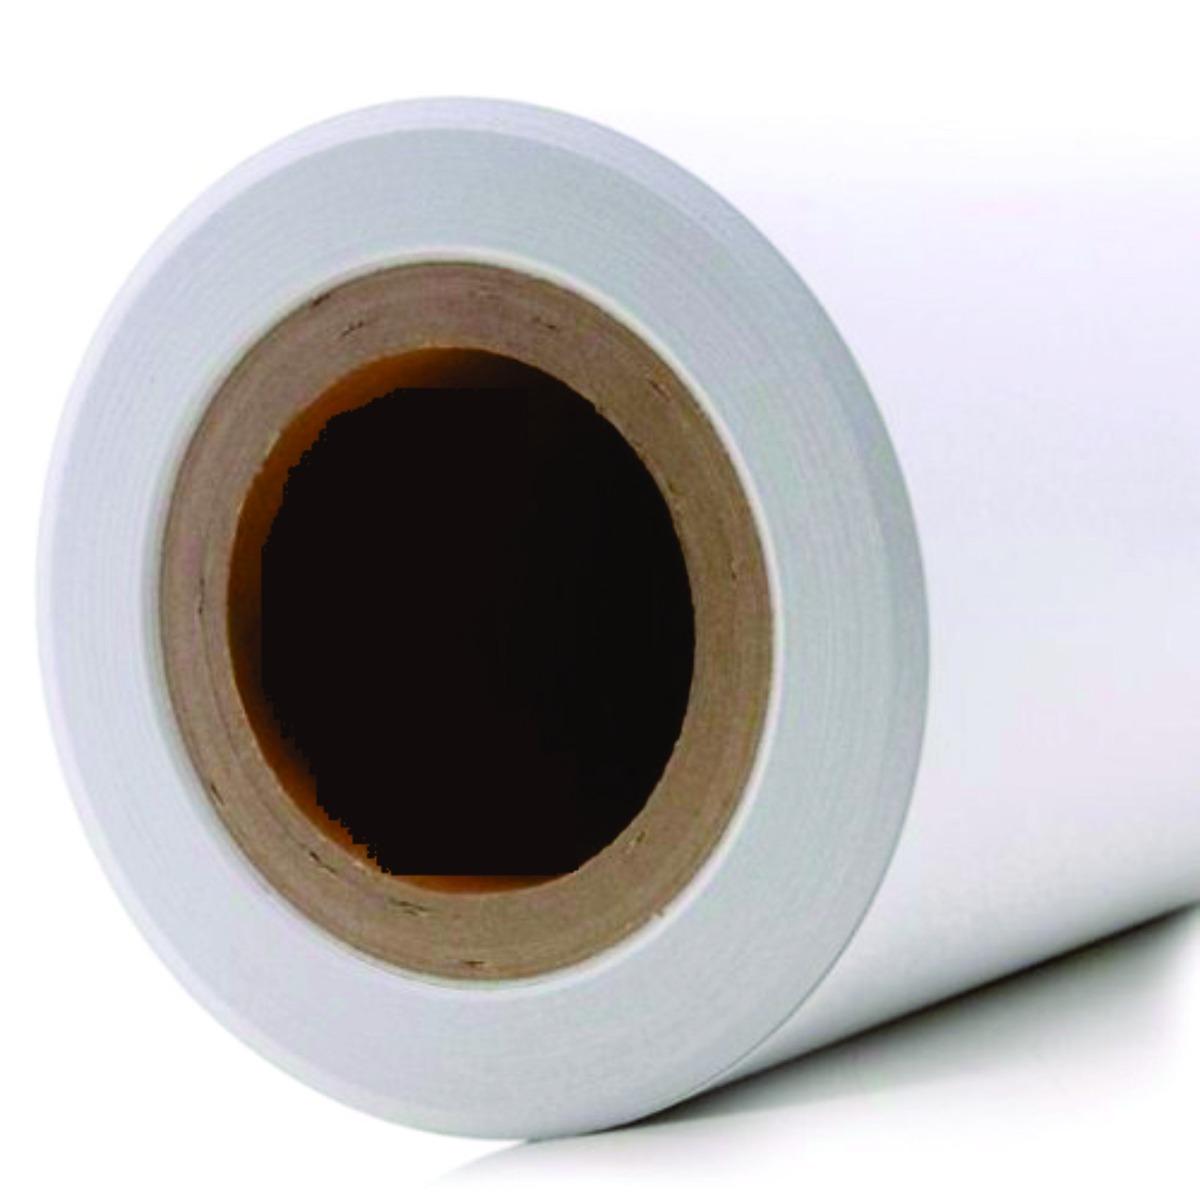 Pelicula Premium - Pelicula de Brilho para chinelos e tecidos - A4